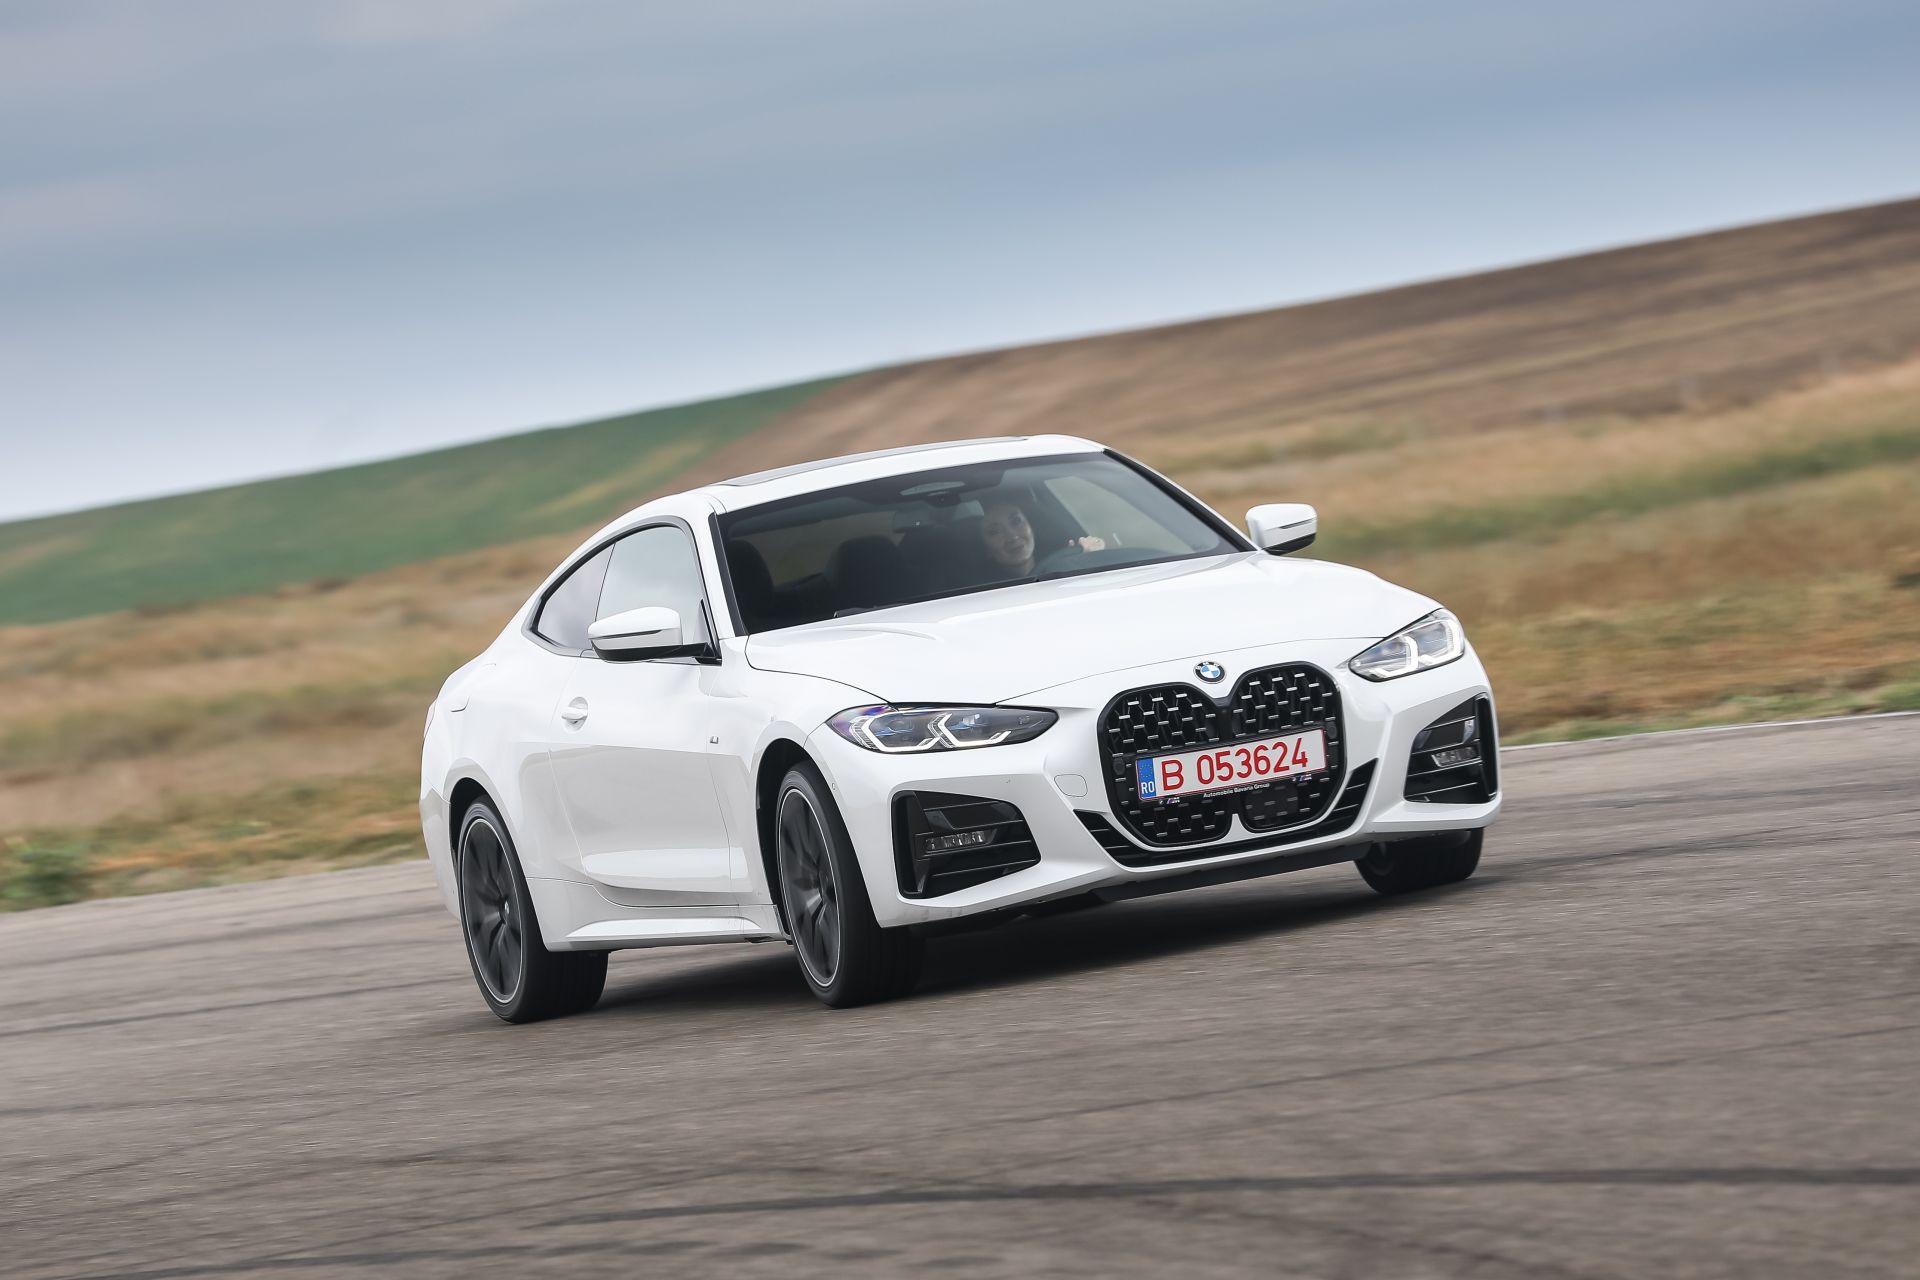 Aston Martin предлагает поменять решетку радиатора на существующие преимущества — может ли BMW последовать этому примеру?